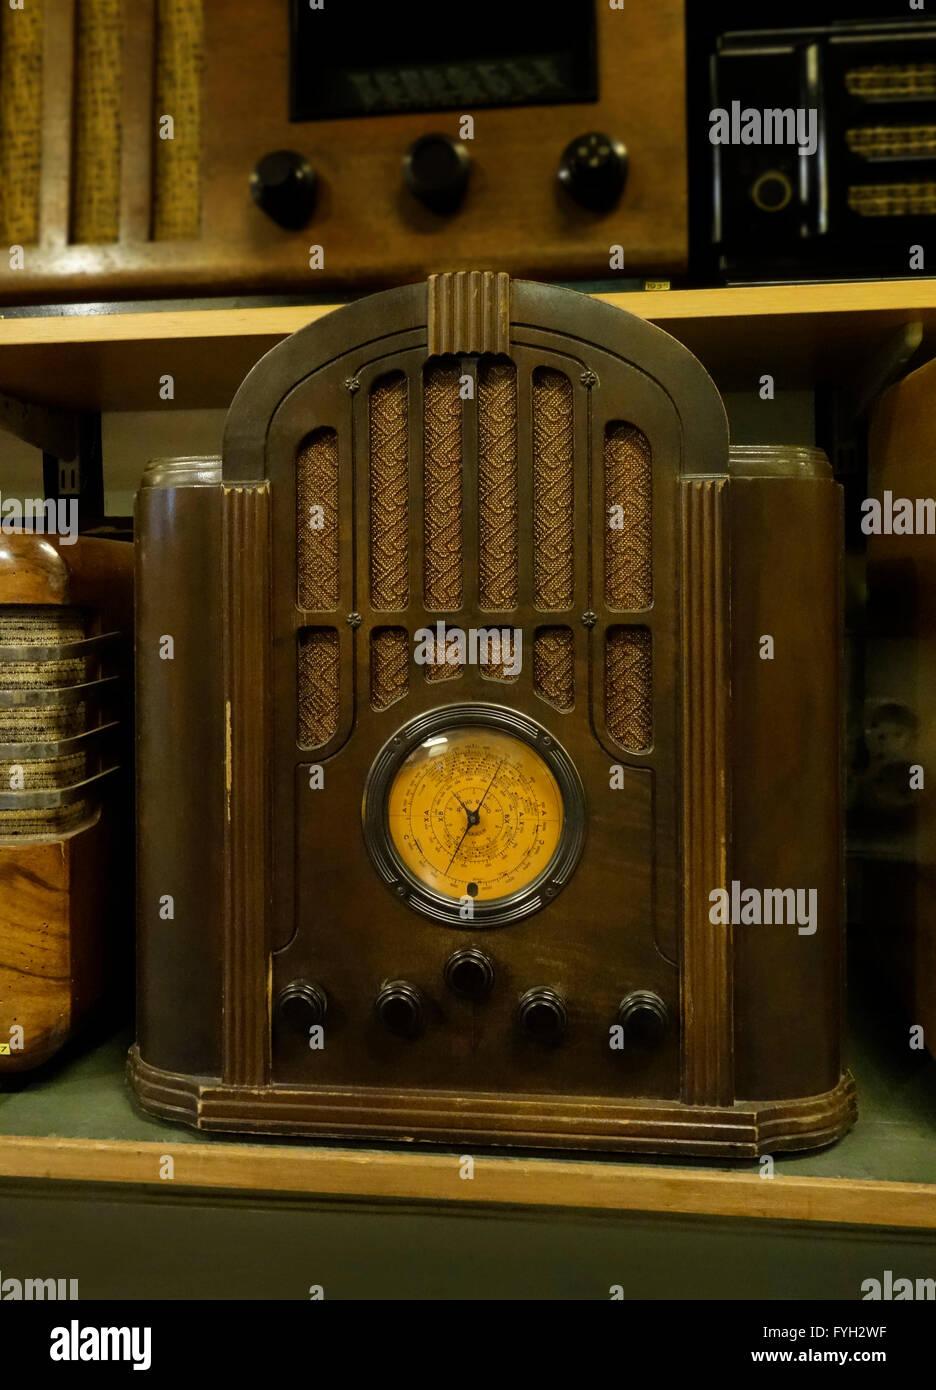 Funkempfänger RCA Modell 143 Grabstein Radio (1934) Stockbild